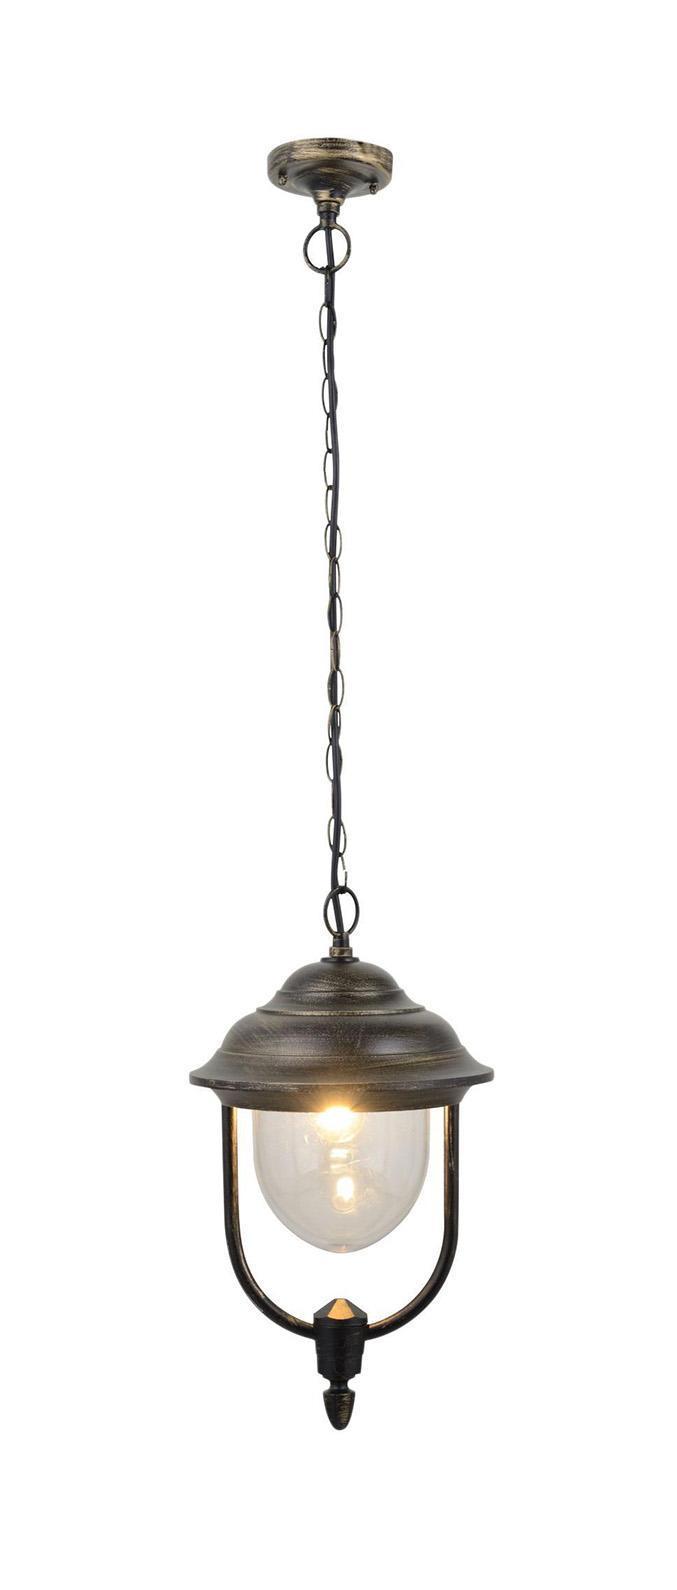 Светильник уличный Arte lampСветильники уличные<br>Мощность: 100, Тип установки: потолочный, Стиль светильника: классика, Материал светильника: стекло, Количество ламп: 1, Тип лампы: накаливания, Патрон: Е27, Цвет арматуры: бронза, Высота: 400, Вес нетто: 1.4, Коллекция: 1485<br>